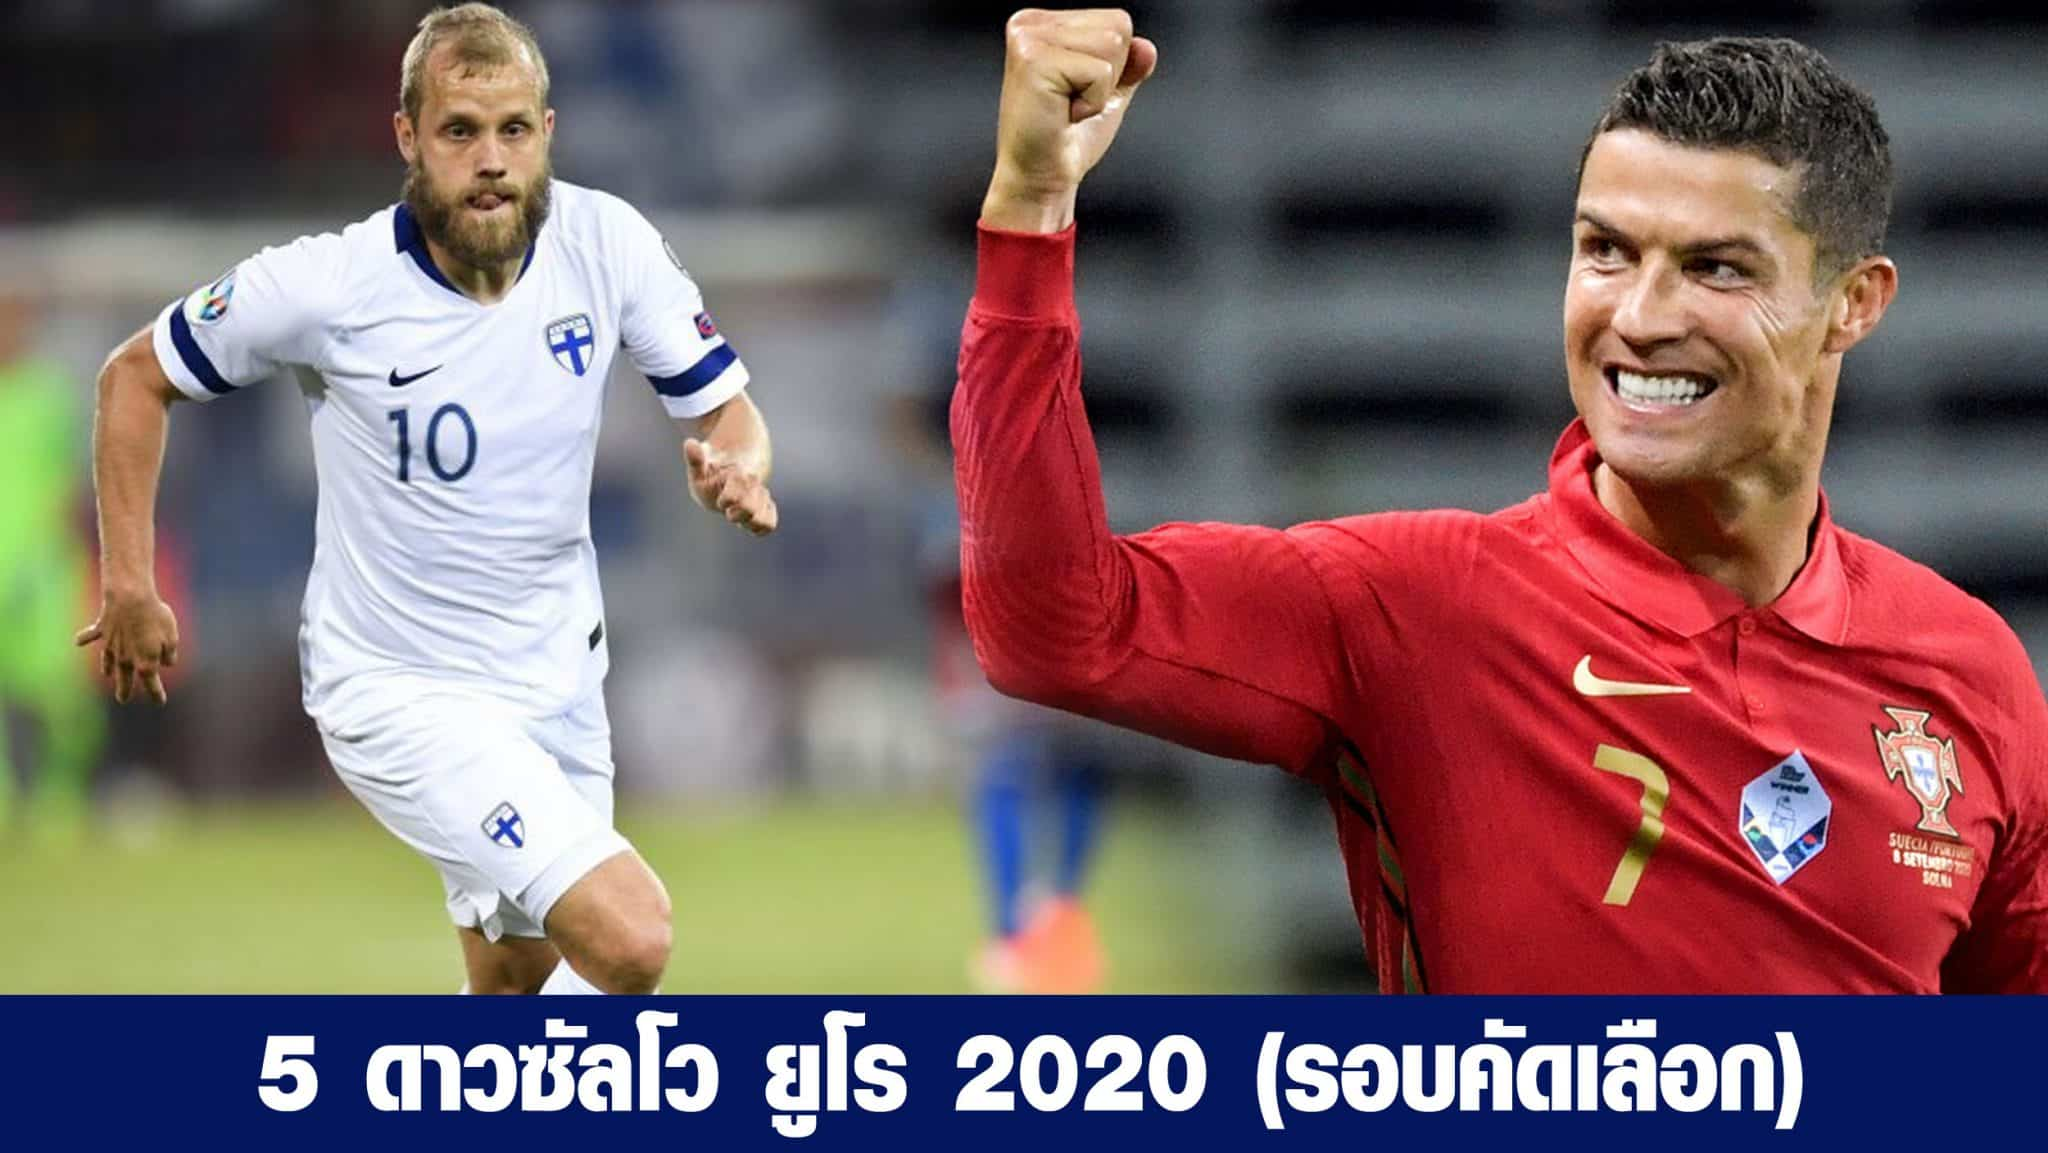 ดาวซัลโว ยูโร 2020